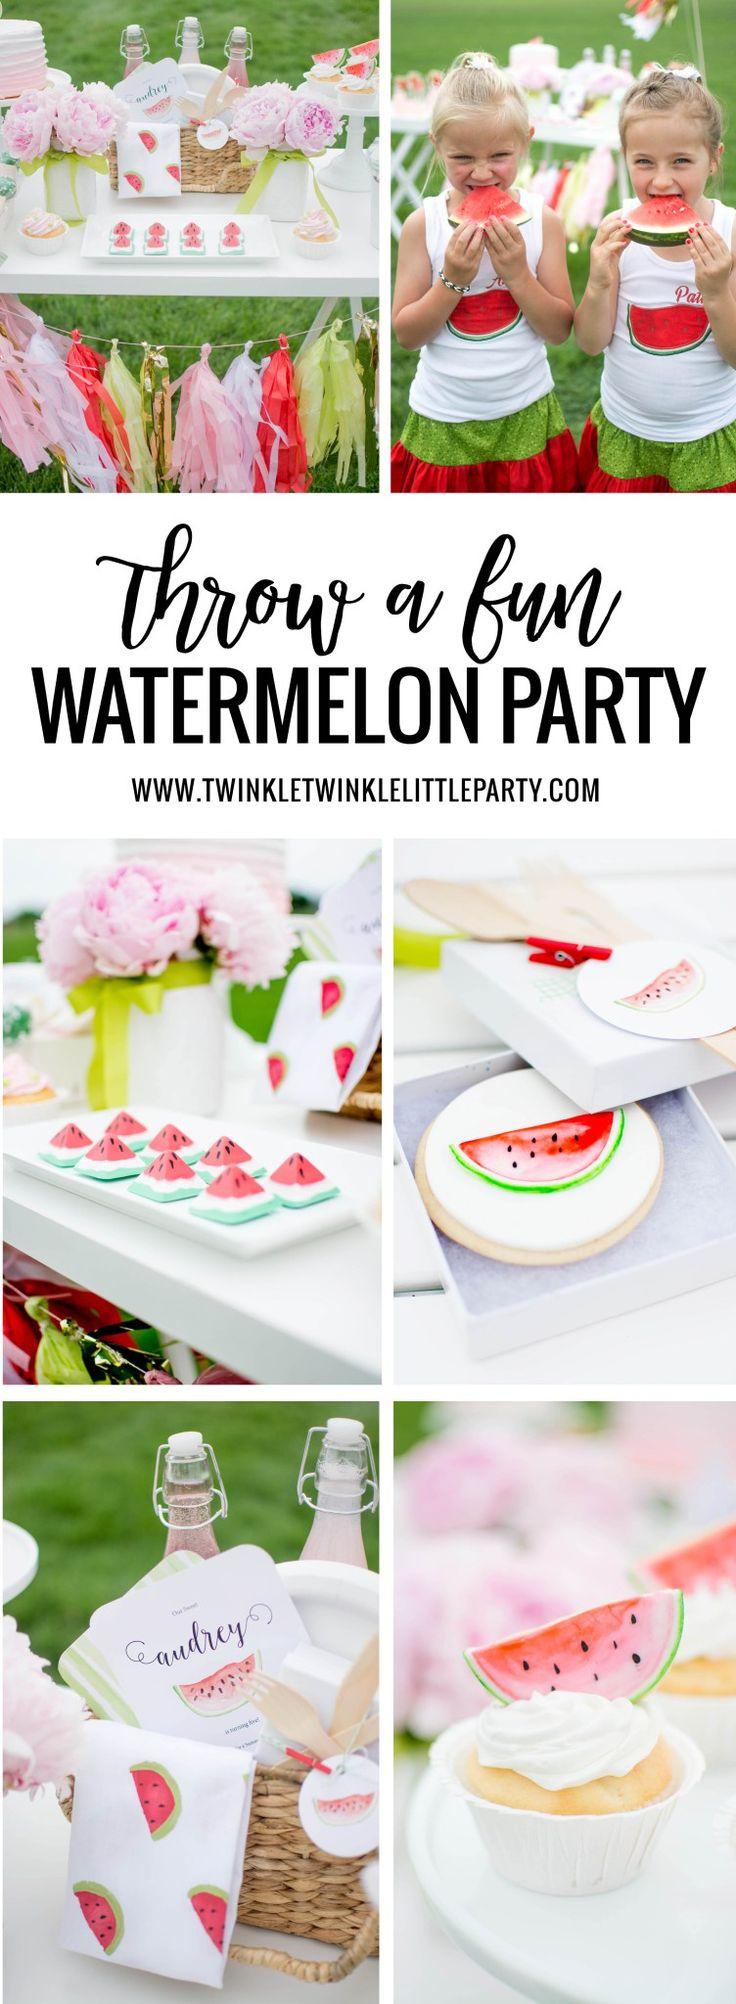 Throw a Fun Watermelon Party